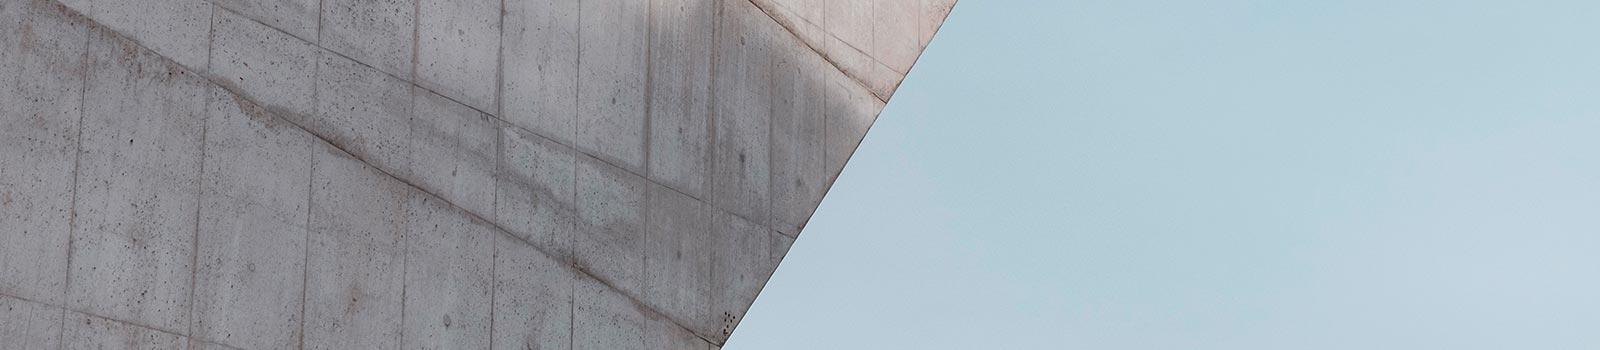 Eine Betonfassade nach der Betonsanierung durch die 3B Denkmalpflege & Bausanierung GmbH.